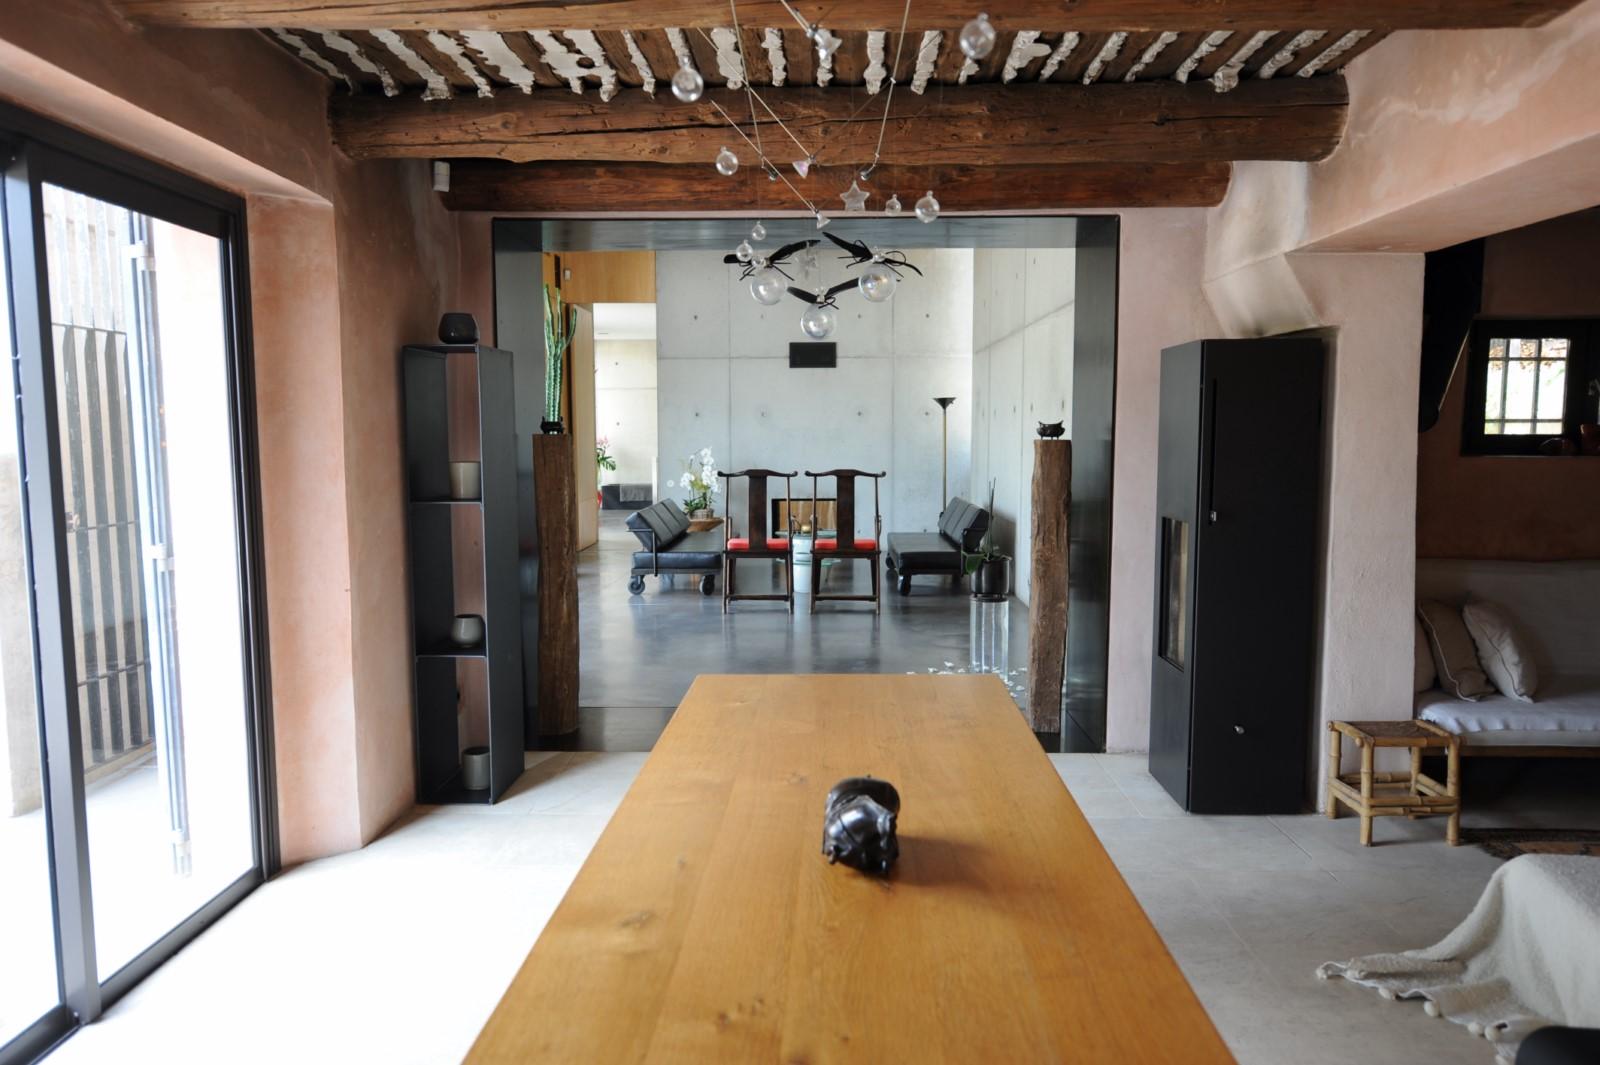 Enfilade de pièces contemporaines dans cette maison à louer à l'agence Rosier